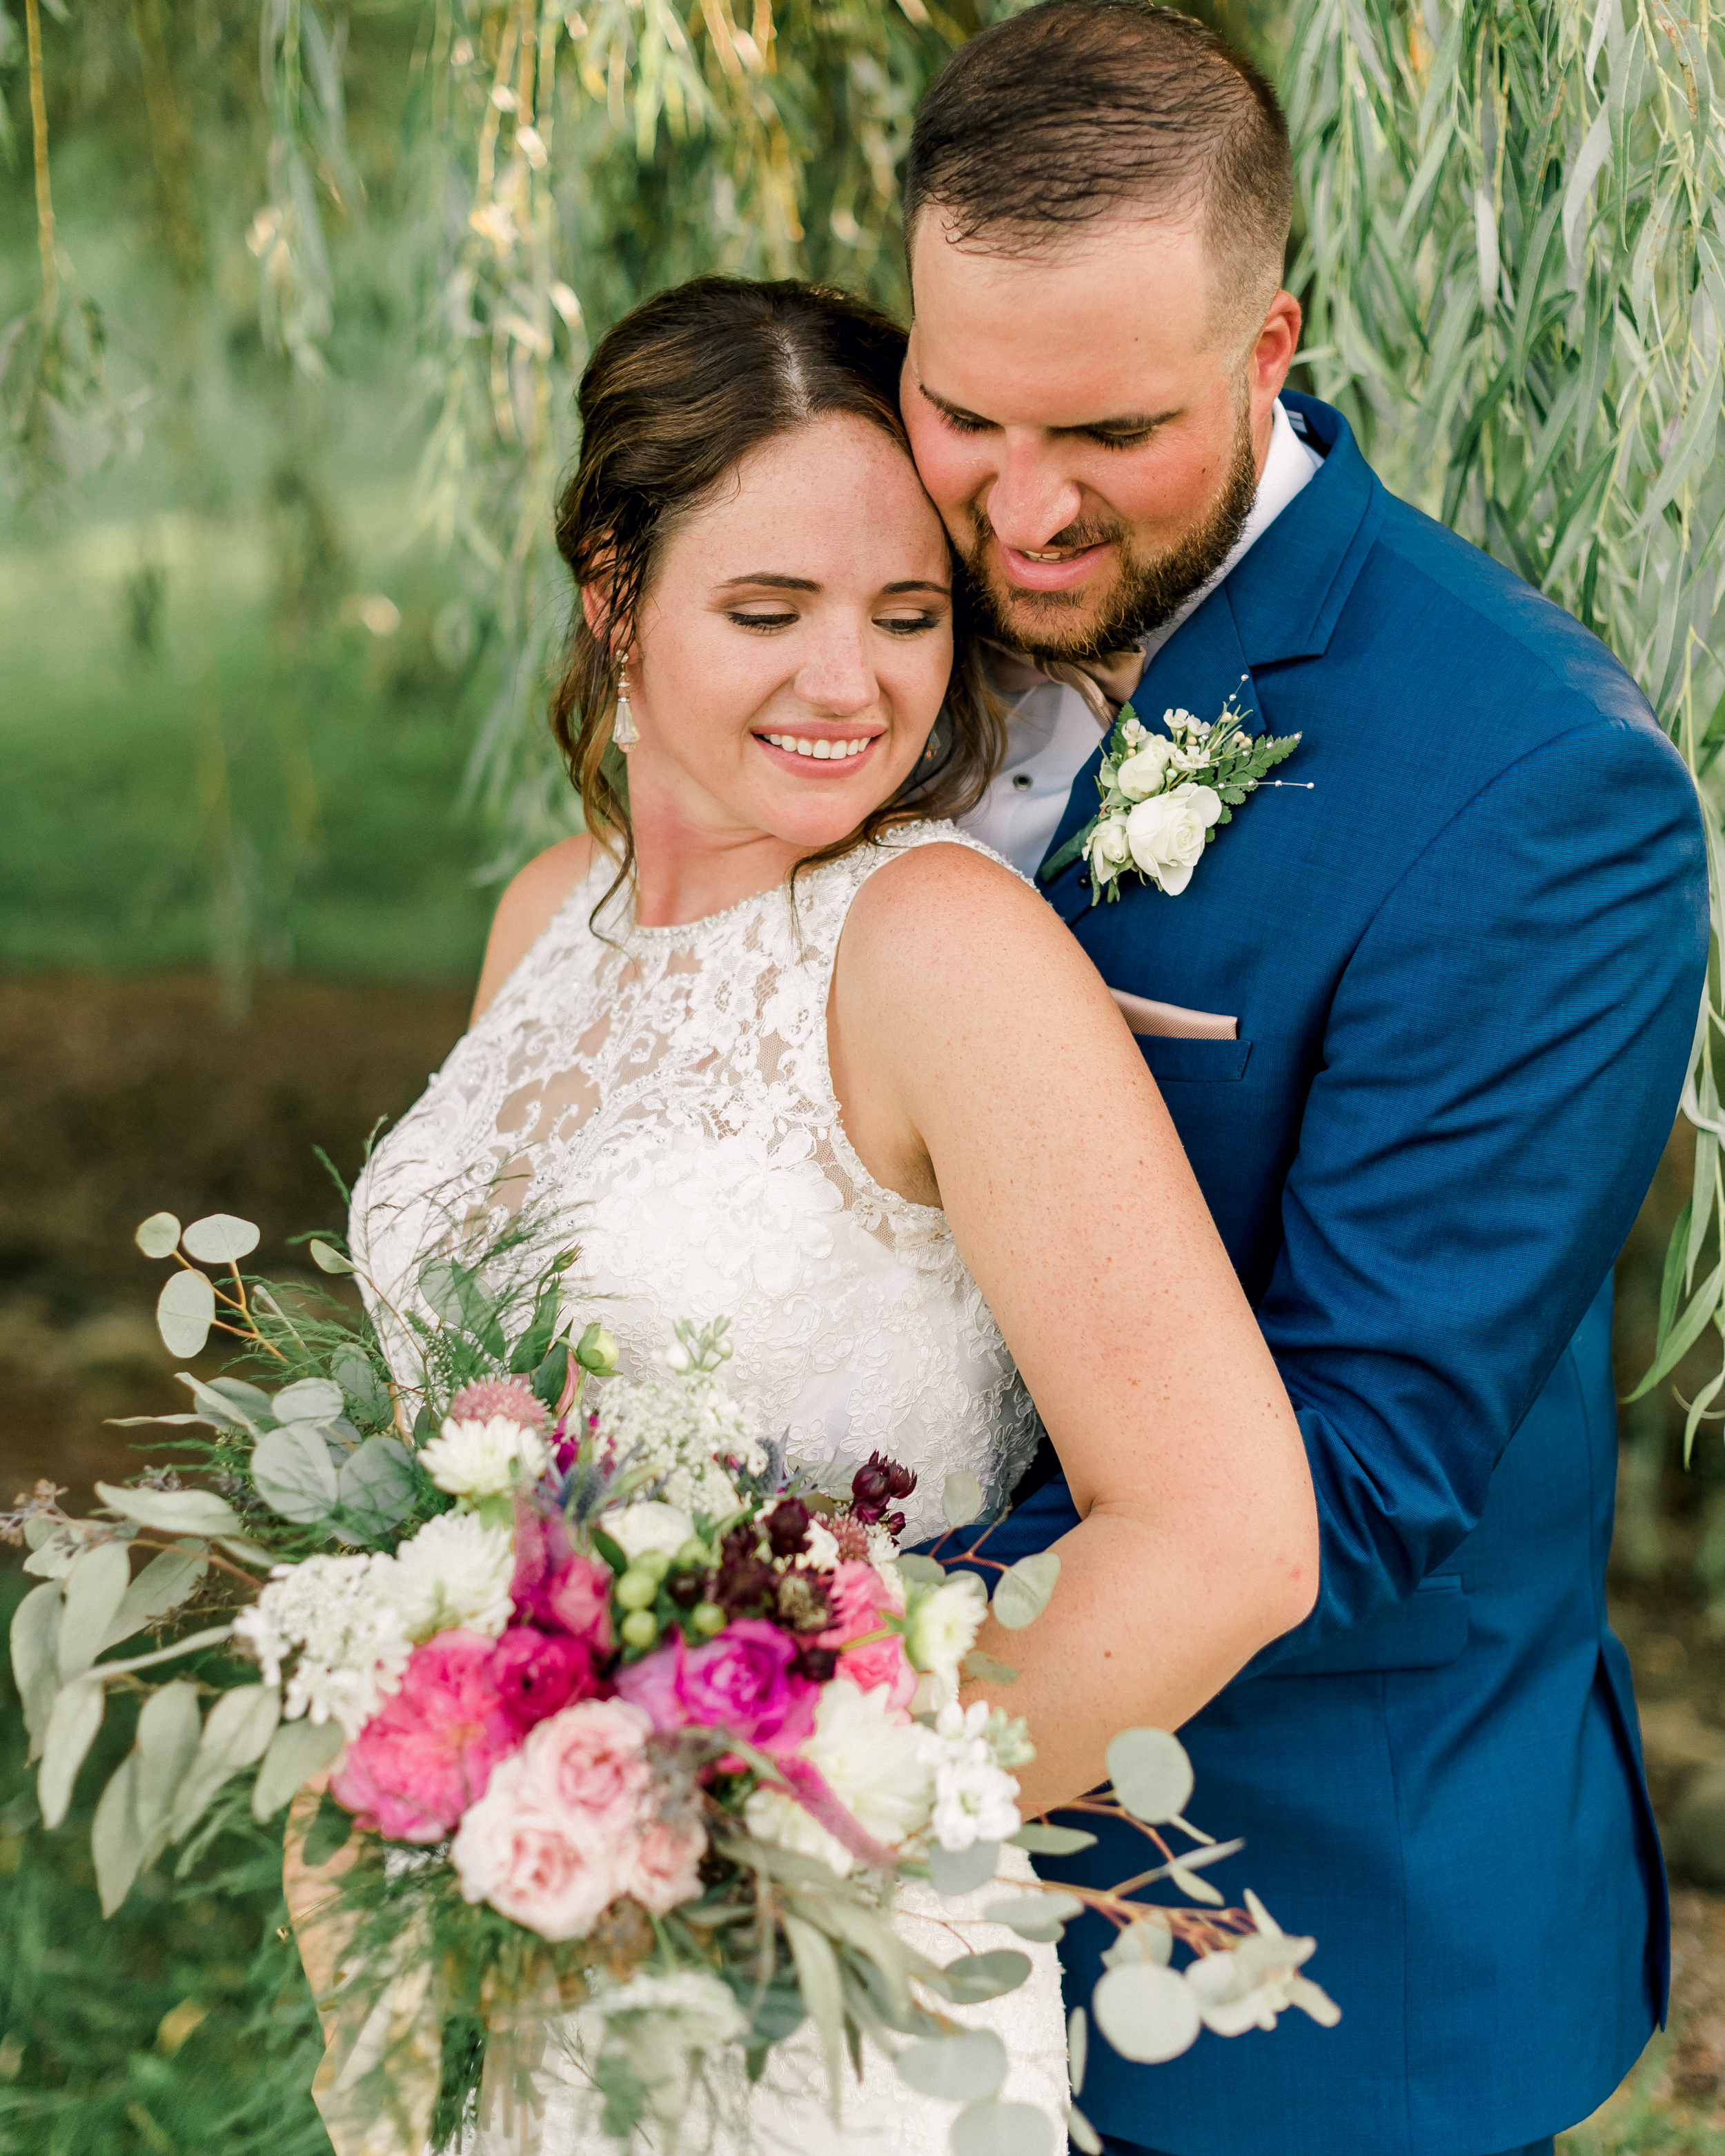 rustic-acres-farm-wedding-24.jpg